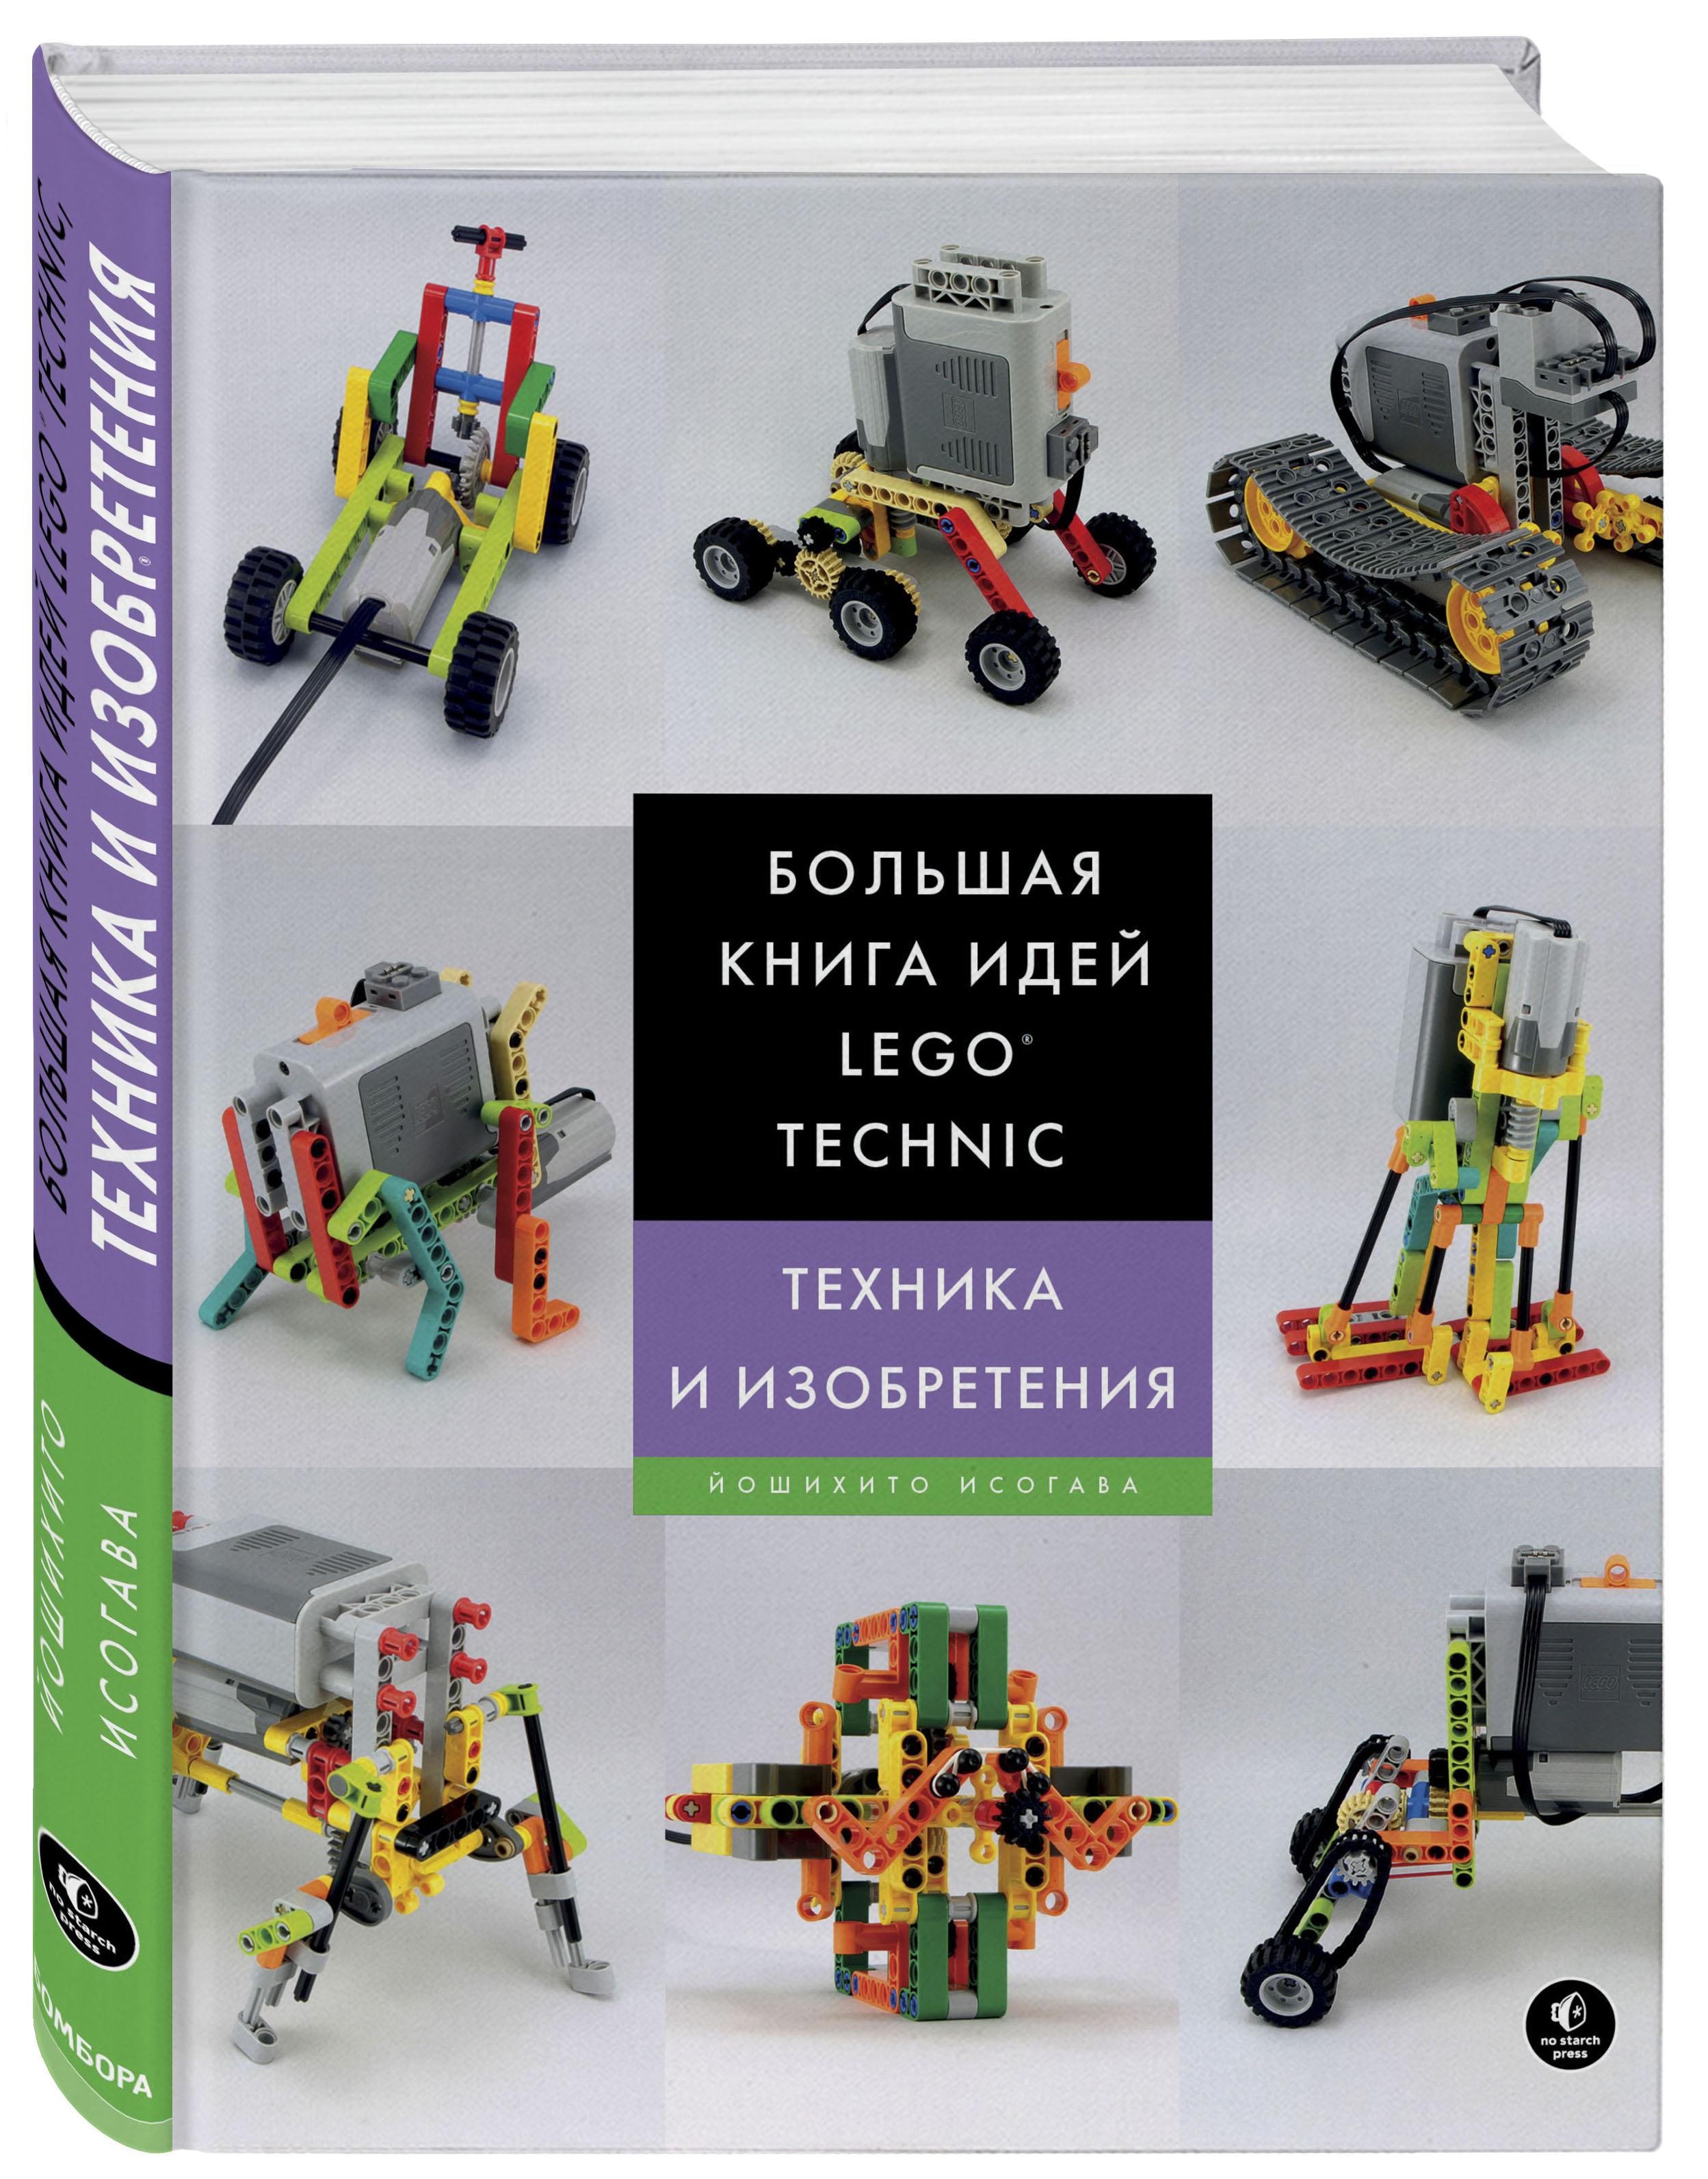 Йошихито Исогава Большая книга идей LEGO Technic. Техника и изобретения